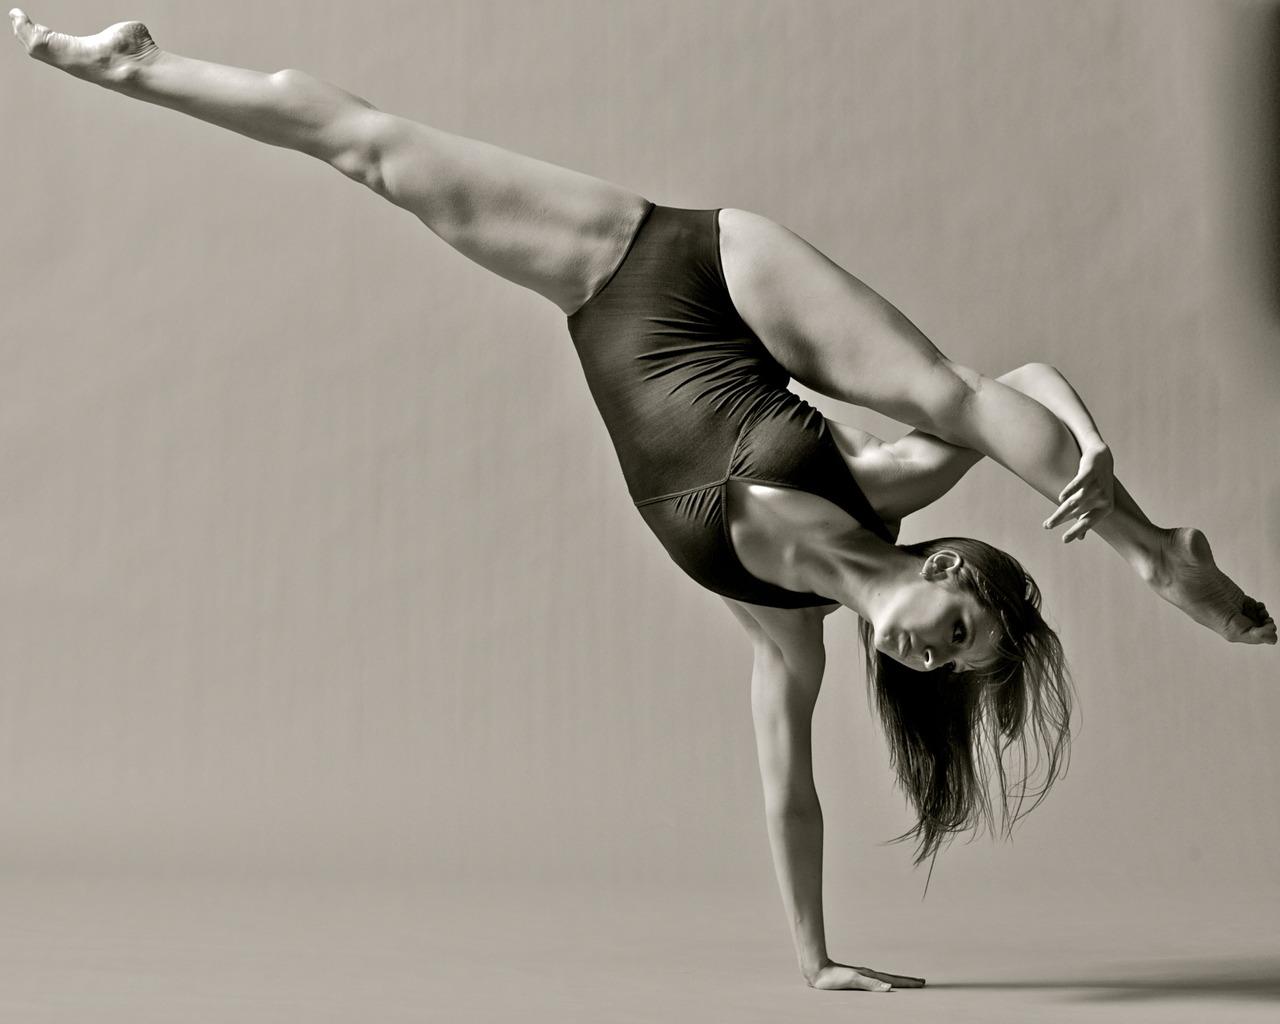 Сетчатых фото голых танцовщиц на тренировках транссексуал